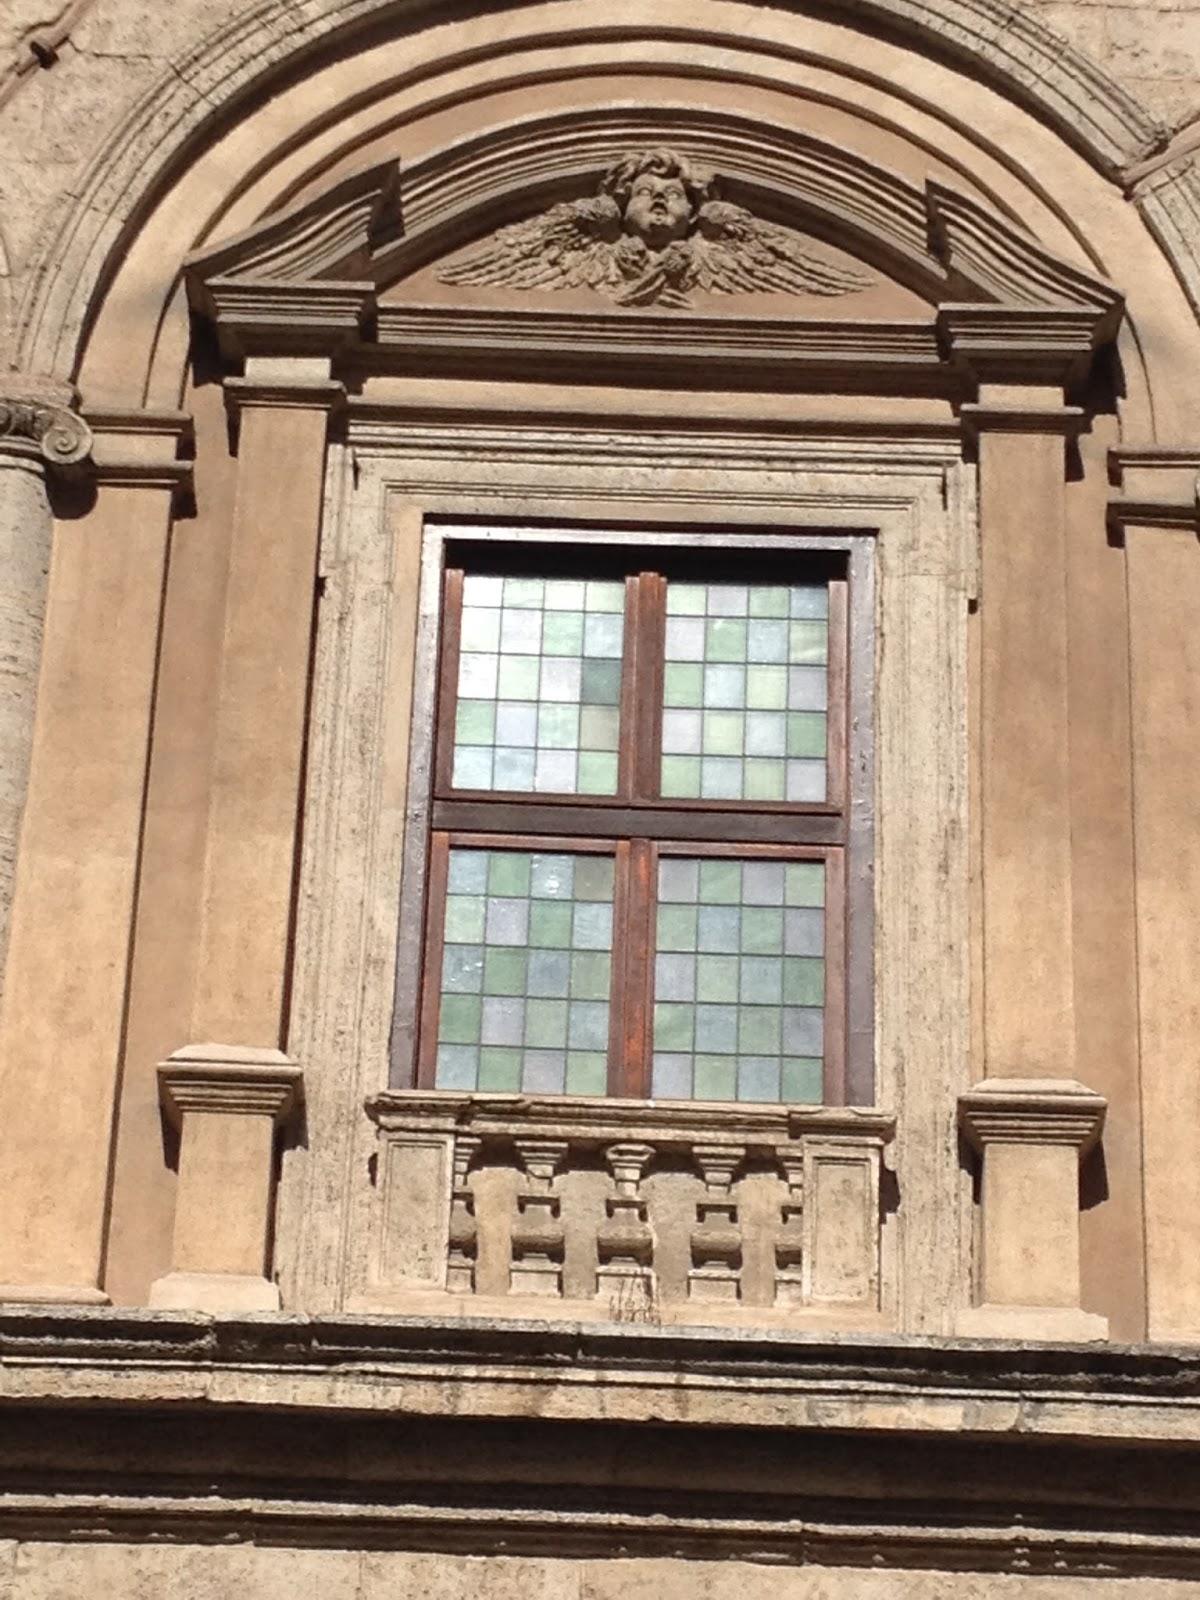 In bici per roma le pi belle finestre di roma6 - Le finestre roma ...